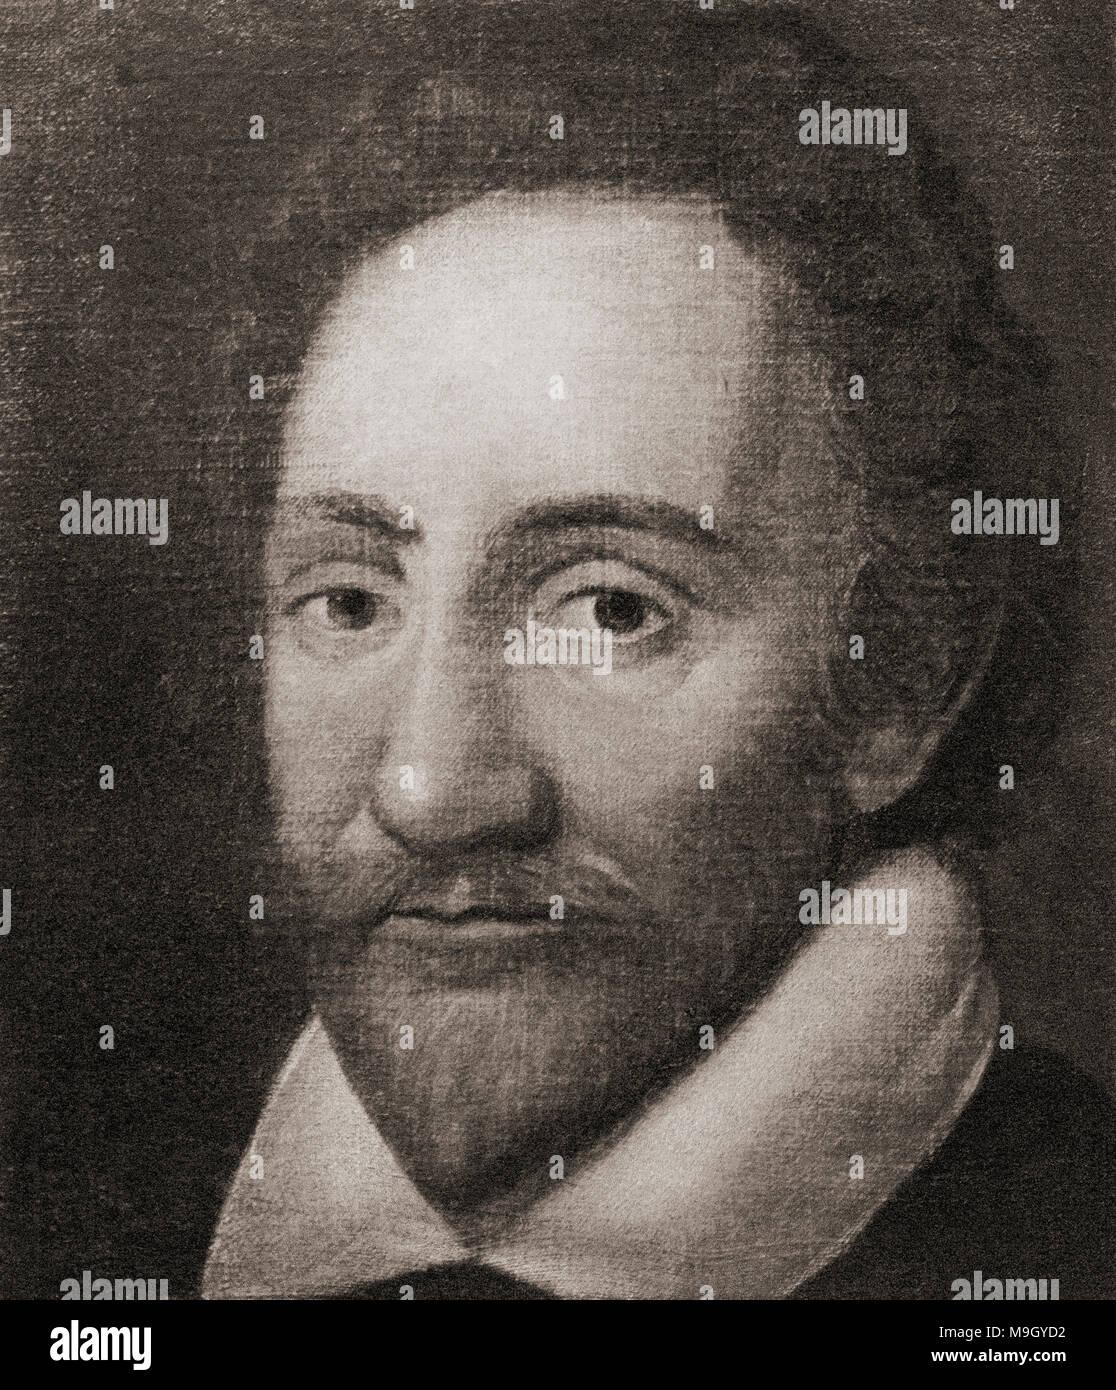 William Shakespeare Elizabethan Era Elizabethan Era